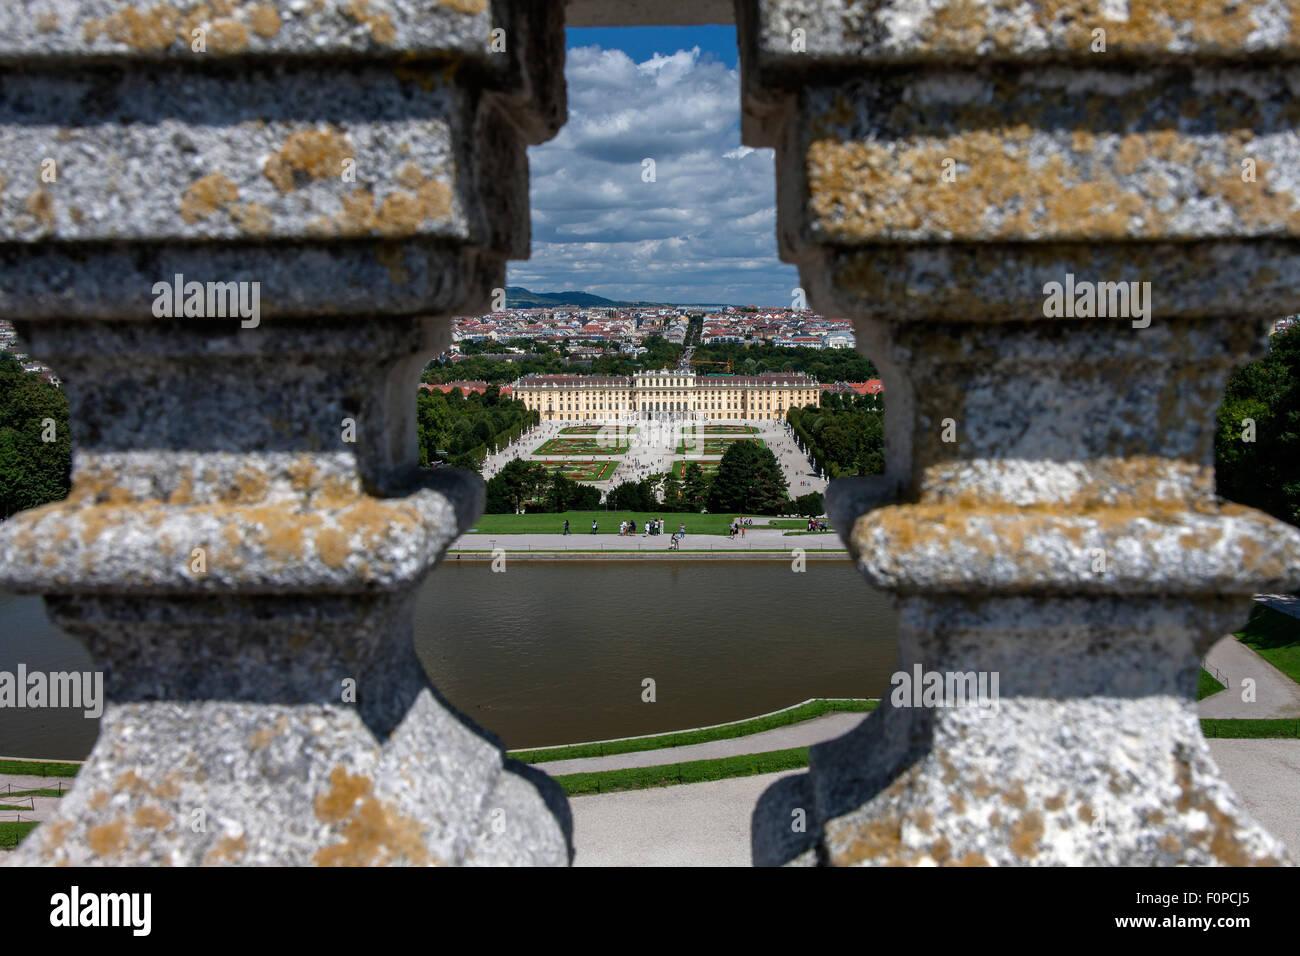 Gloriette edificio nei giardini del palazzo Schloss Schonbrunn Palace, sito Patrimonio Mondiale dell'UNESCO, Vienna, Austria, Europa Foto Stock